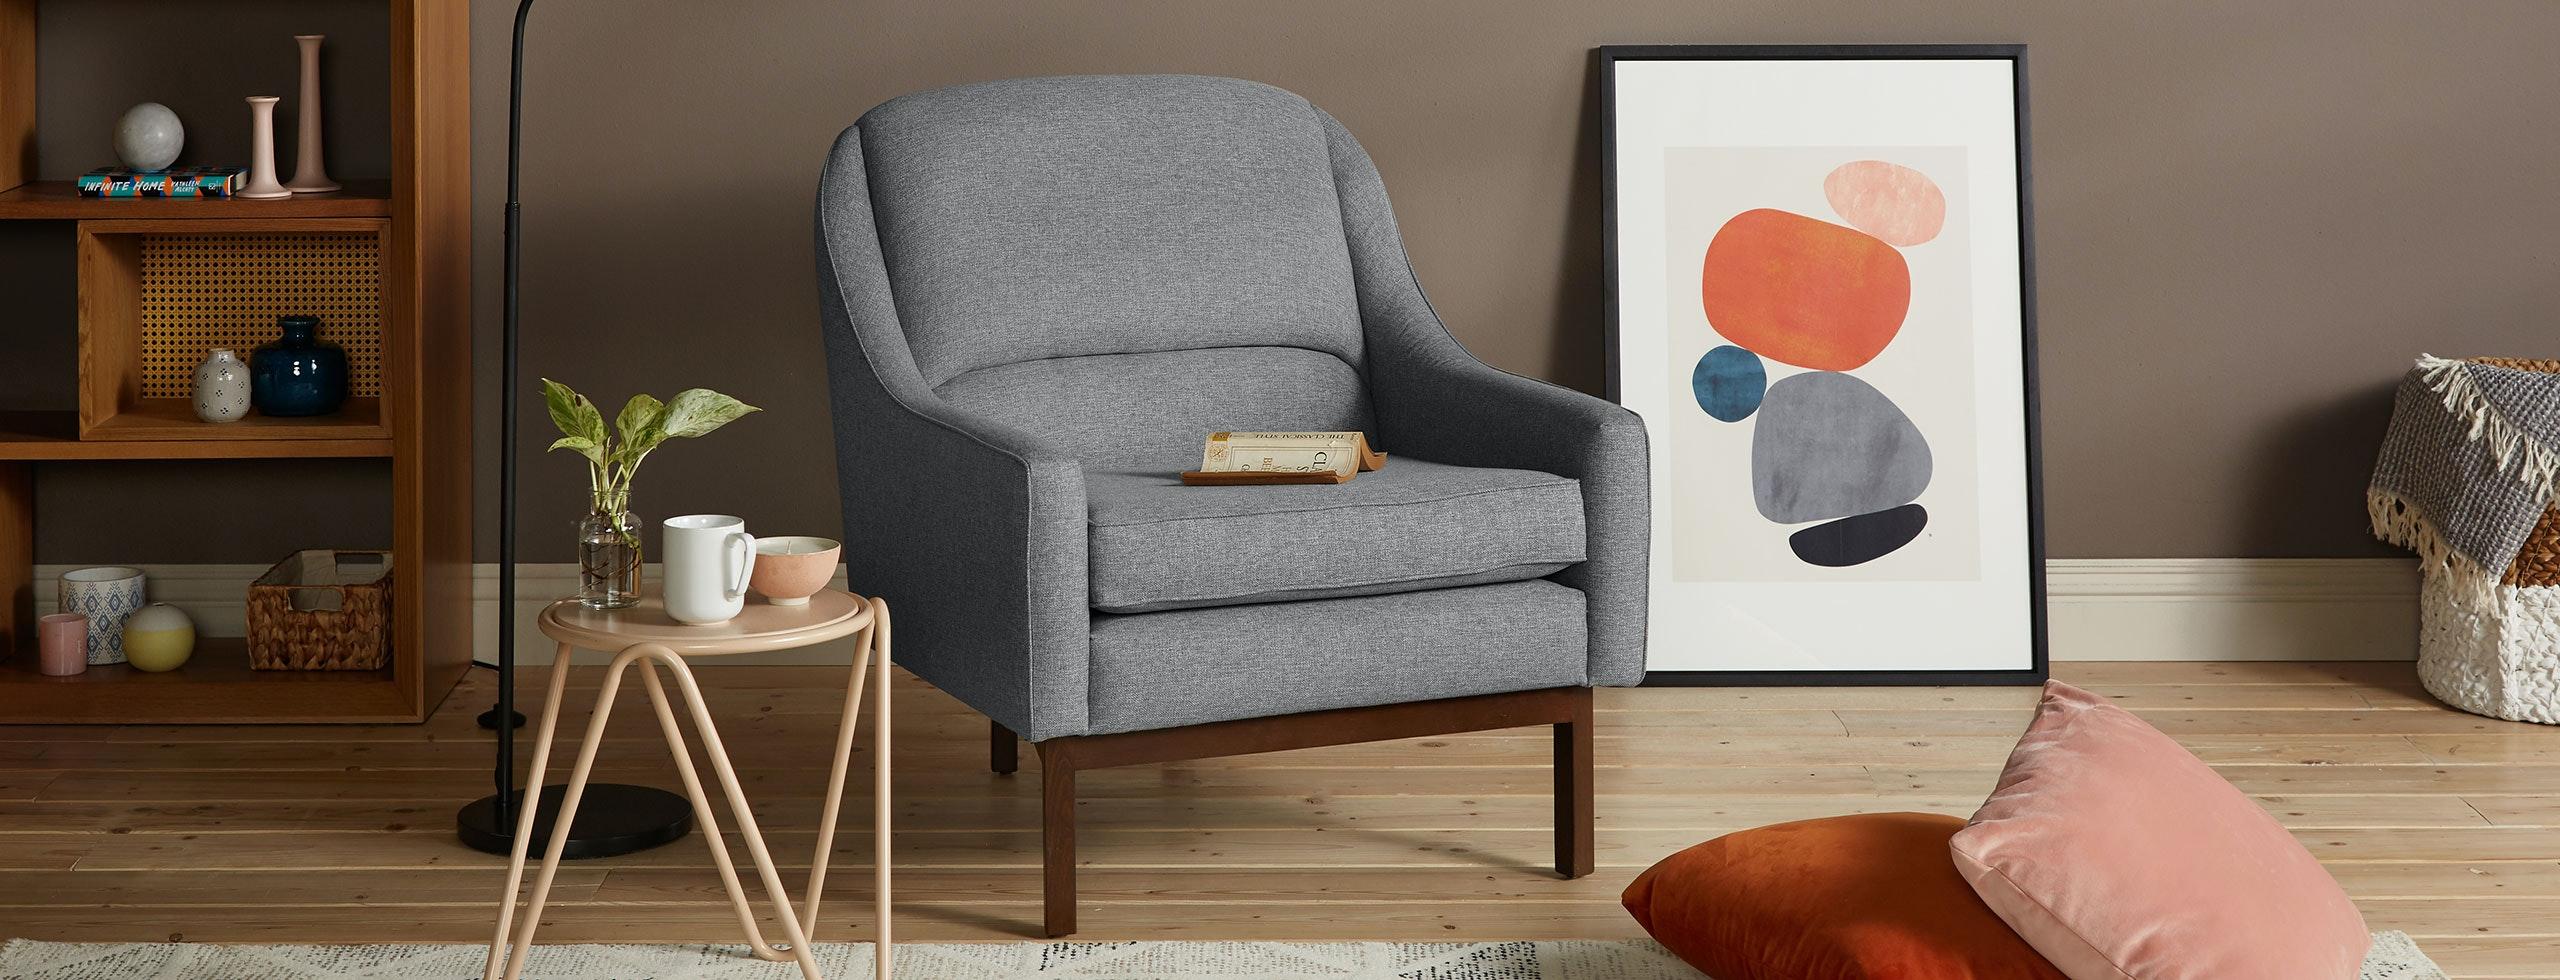 Knight Chair Joybird